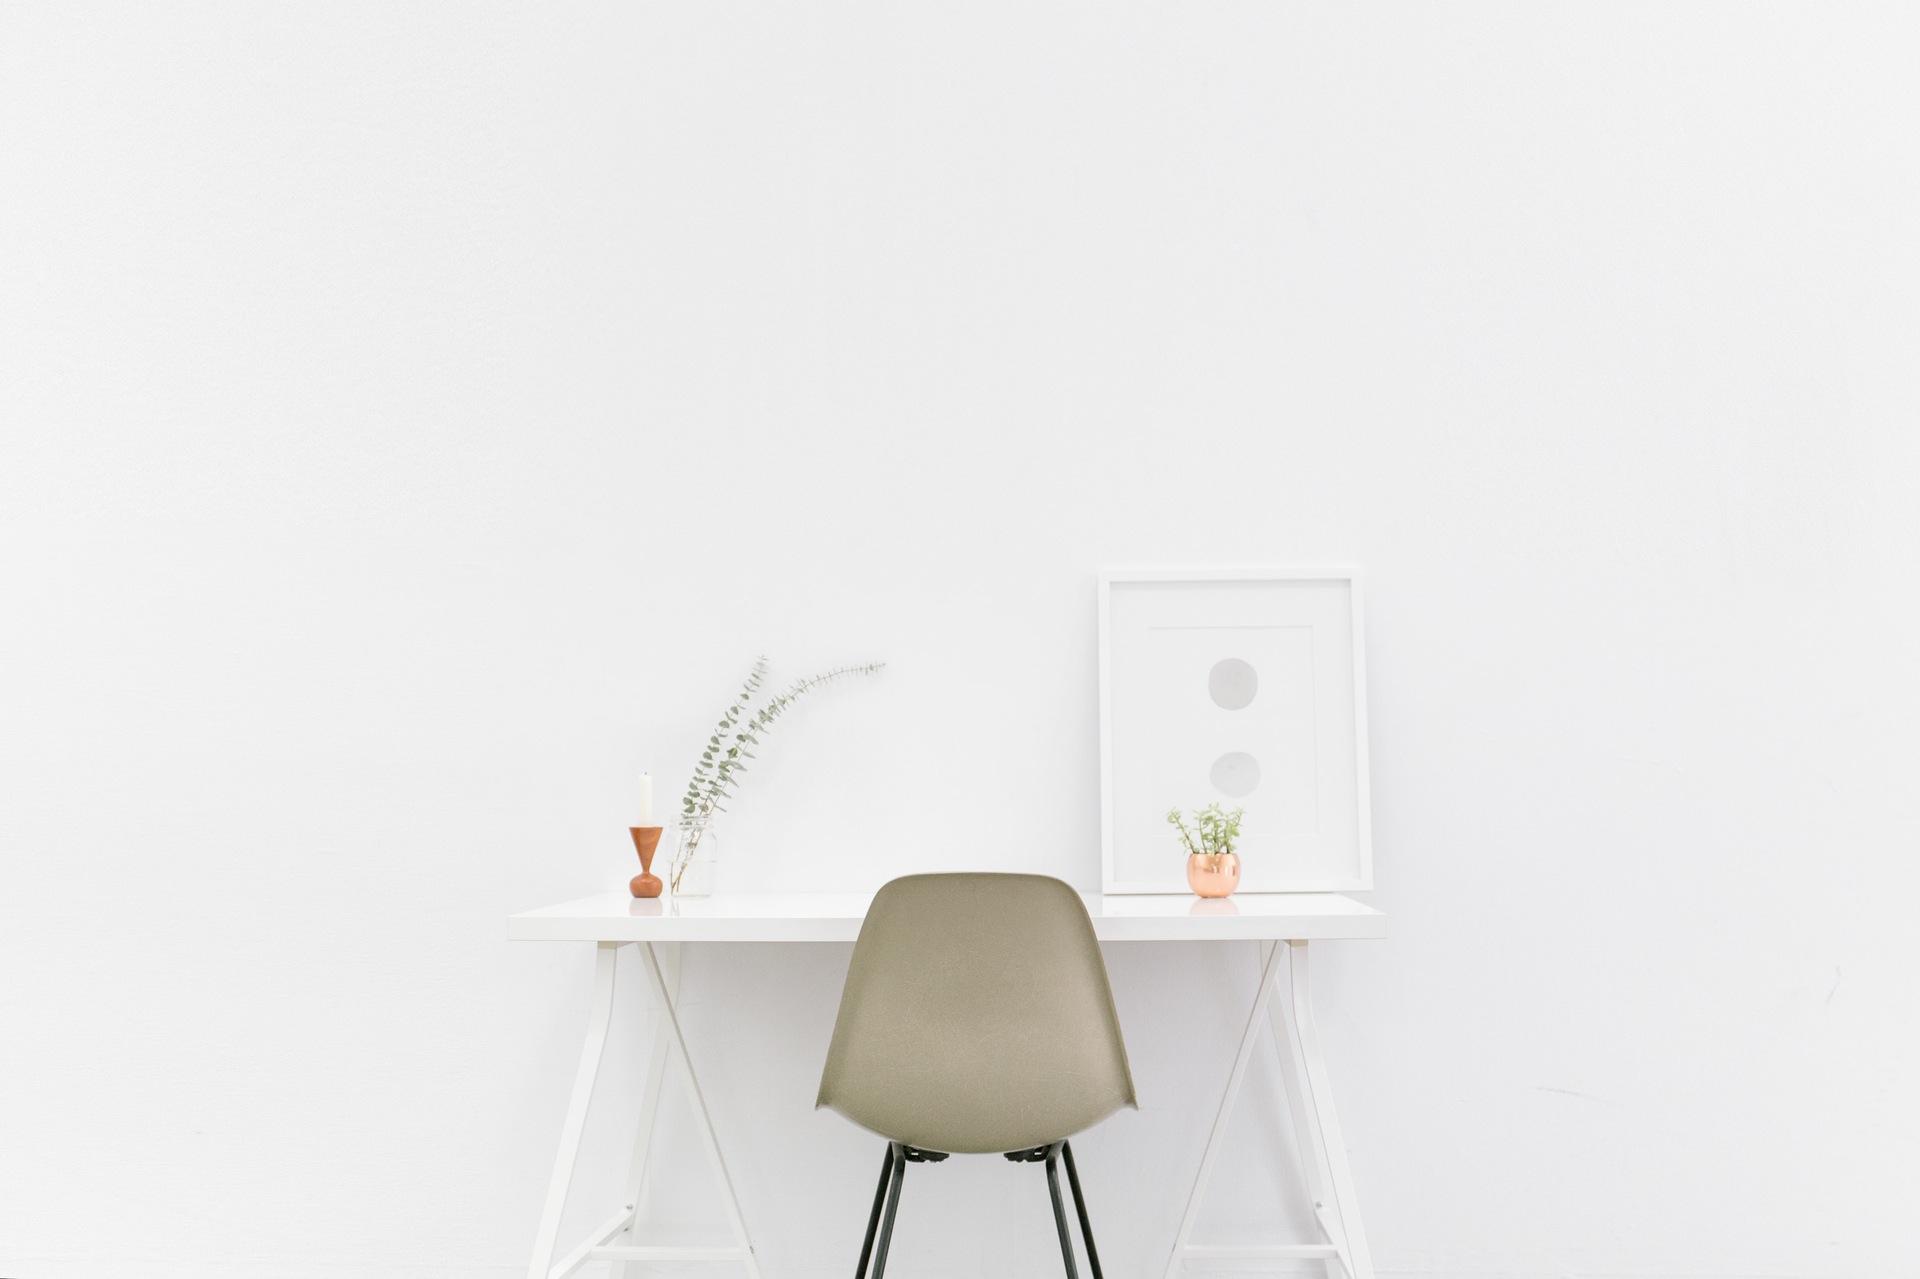 Área de trabalho, quarto, Escritório, Cadeira, Parede, Branco - Papéis de parede HD - Professor-falken.com